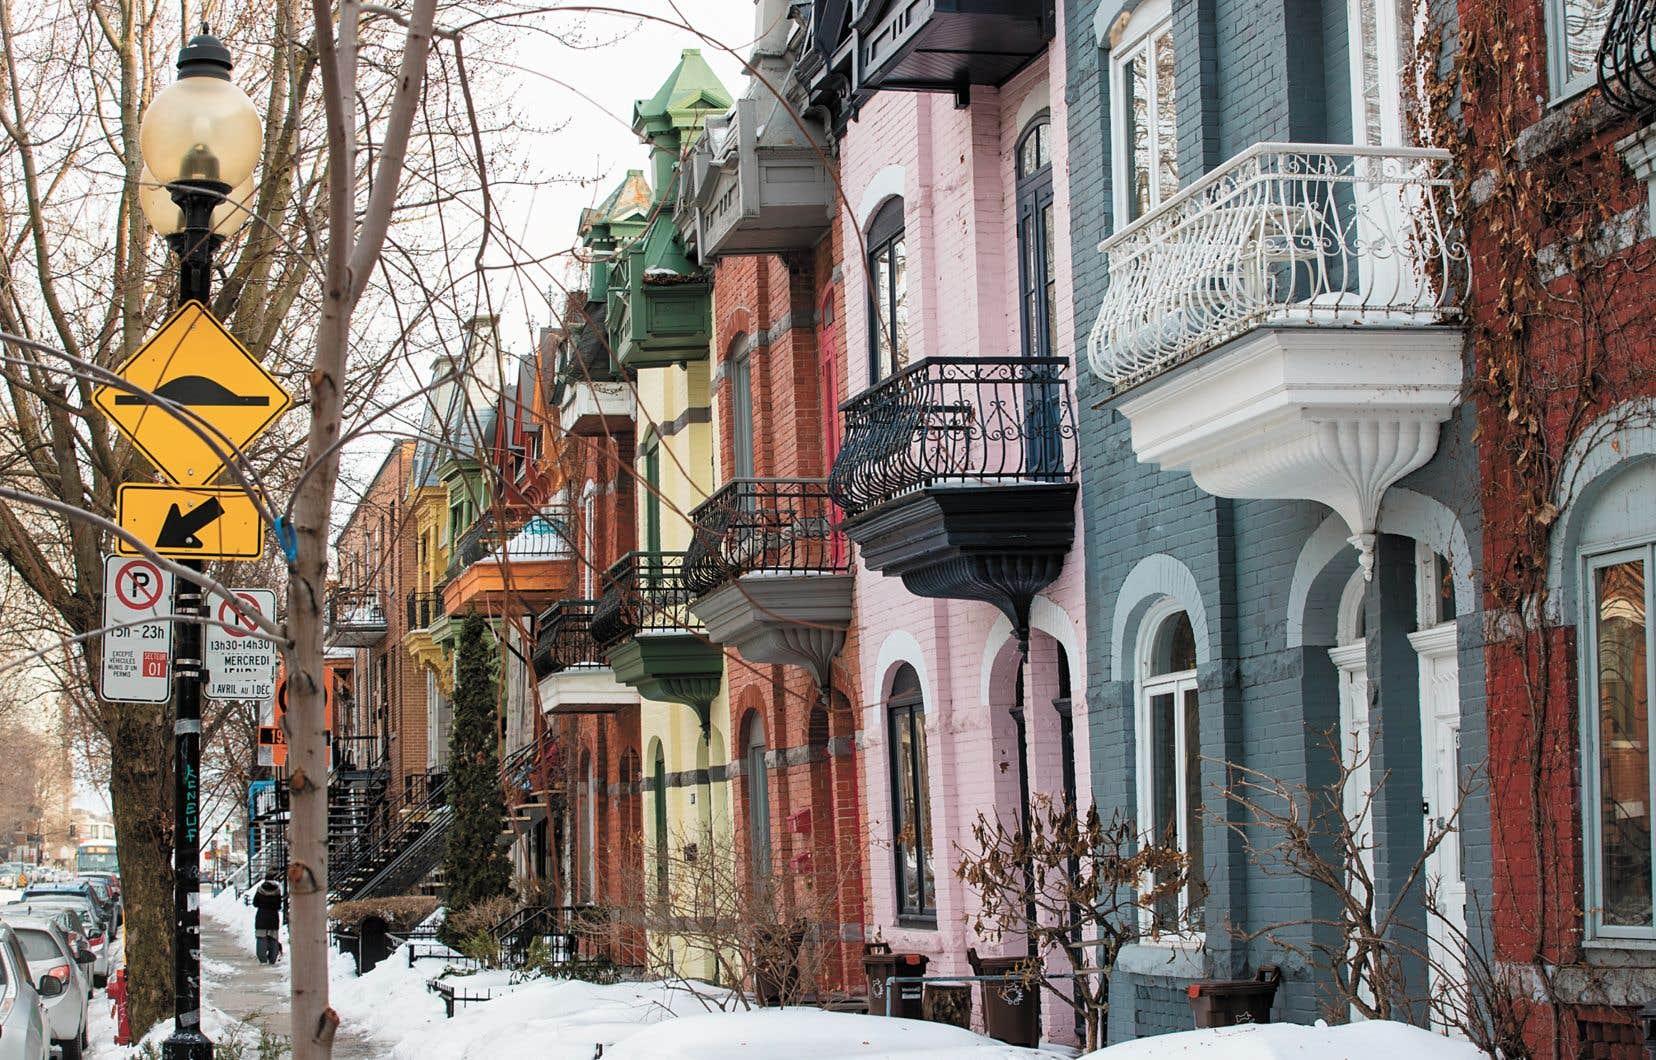 À Montréal, ce ne sont pas les sommets de Griffintown qui remportent la palme de la densité, mais bien les rangées de triplex colorés de l'arrondissement du Plateau-Mont-Royal.